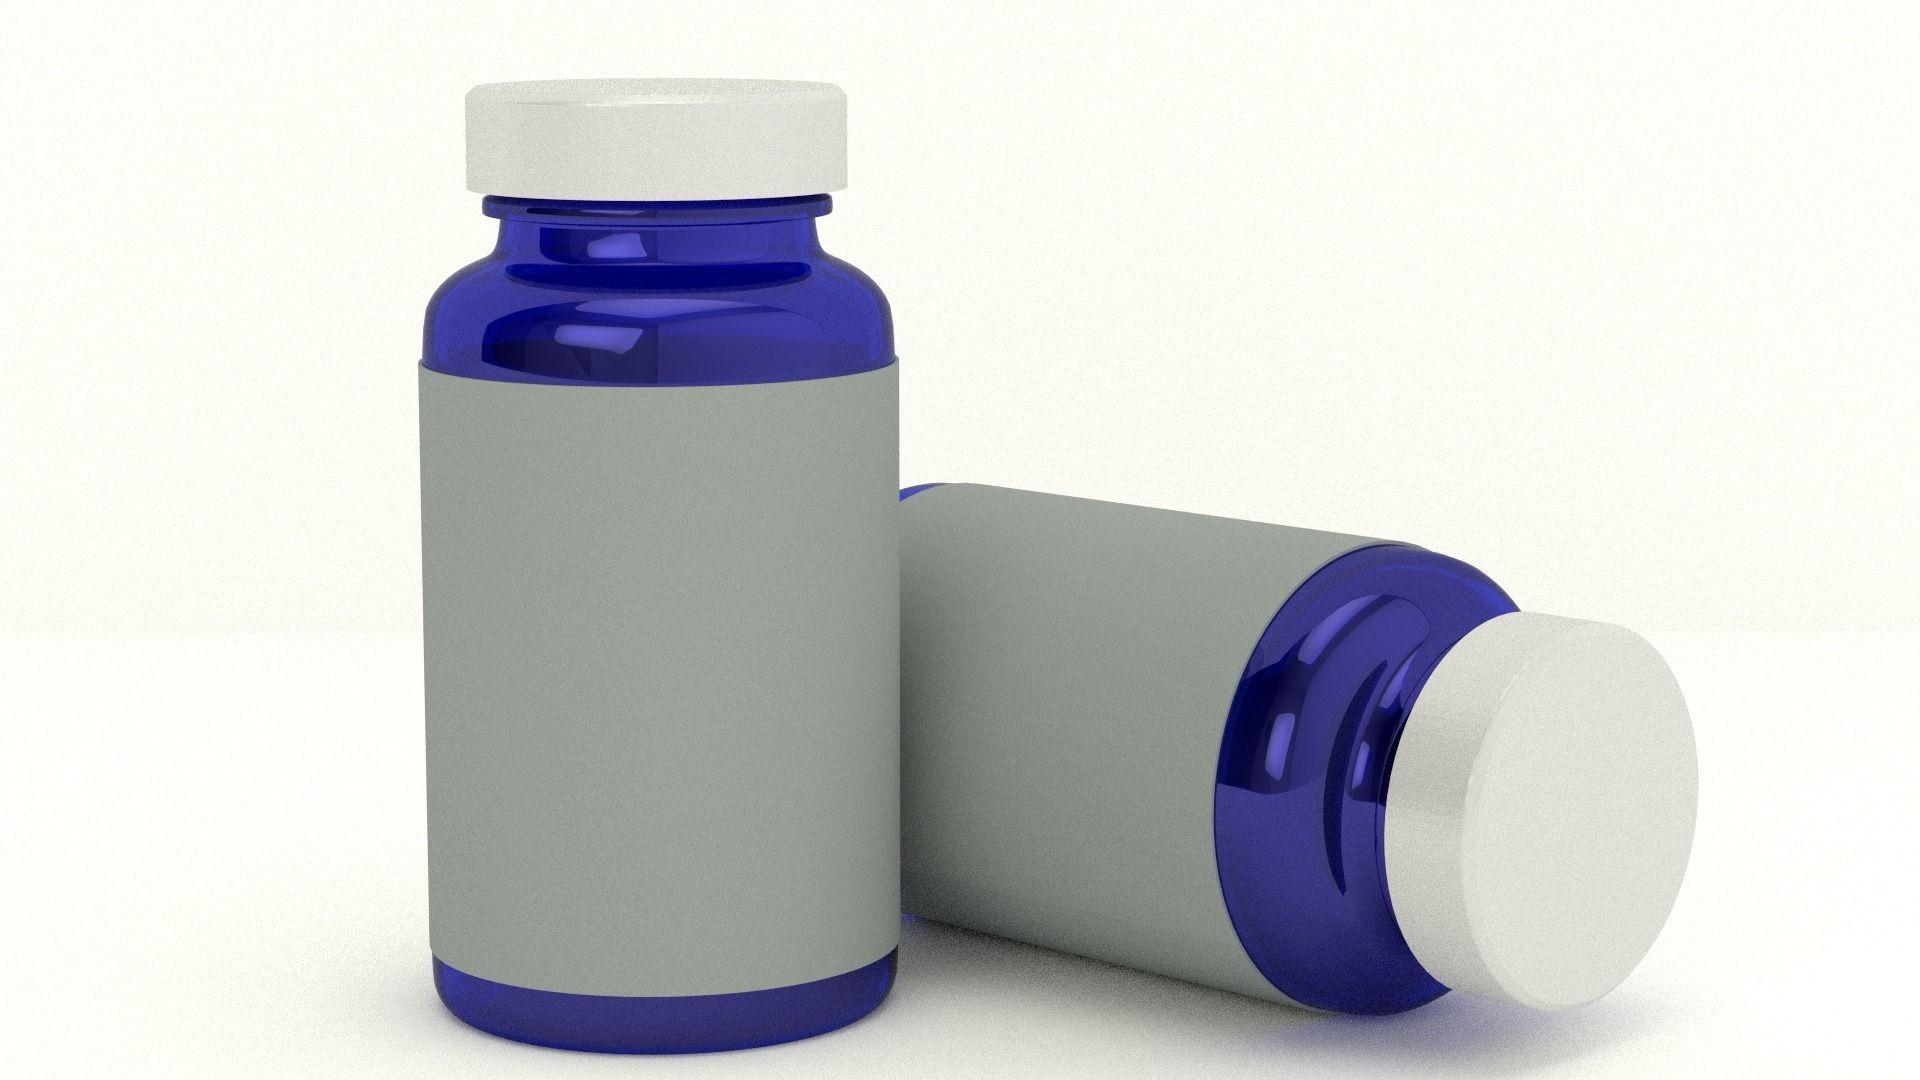 PNG Medicine Bottle - 44819